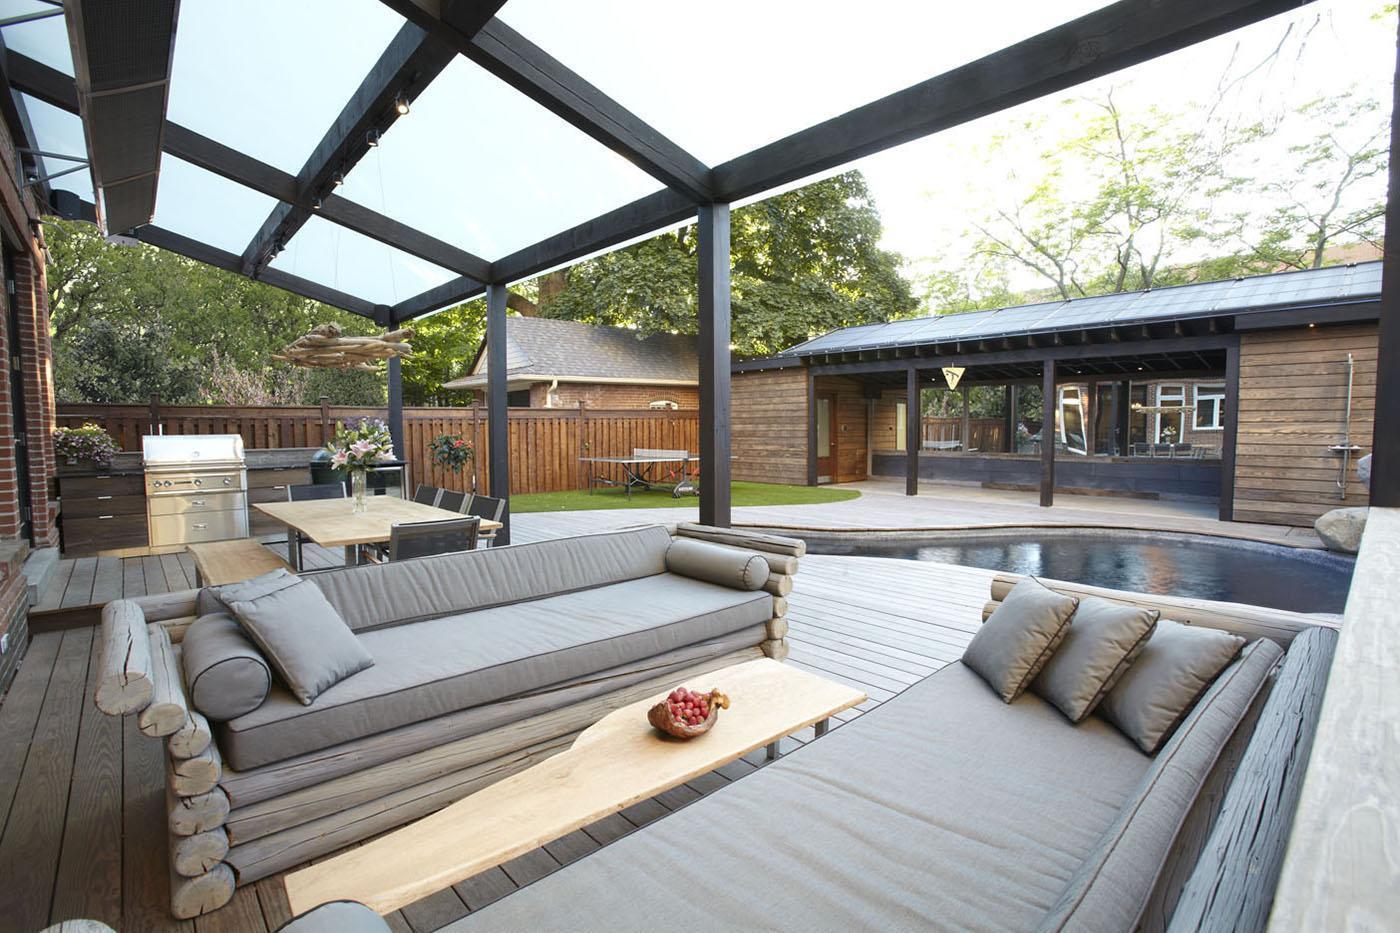 Denne sofa er lavet af træ og ser derfor ud, som om den går i ét med terrassen